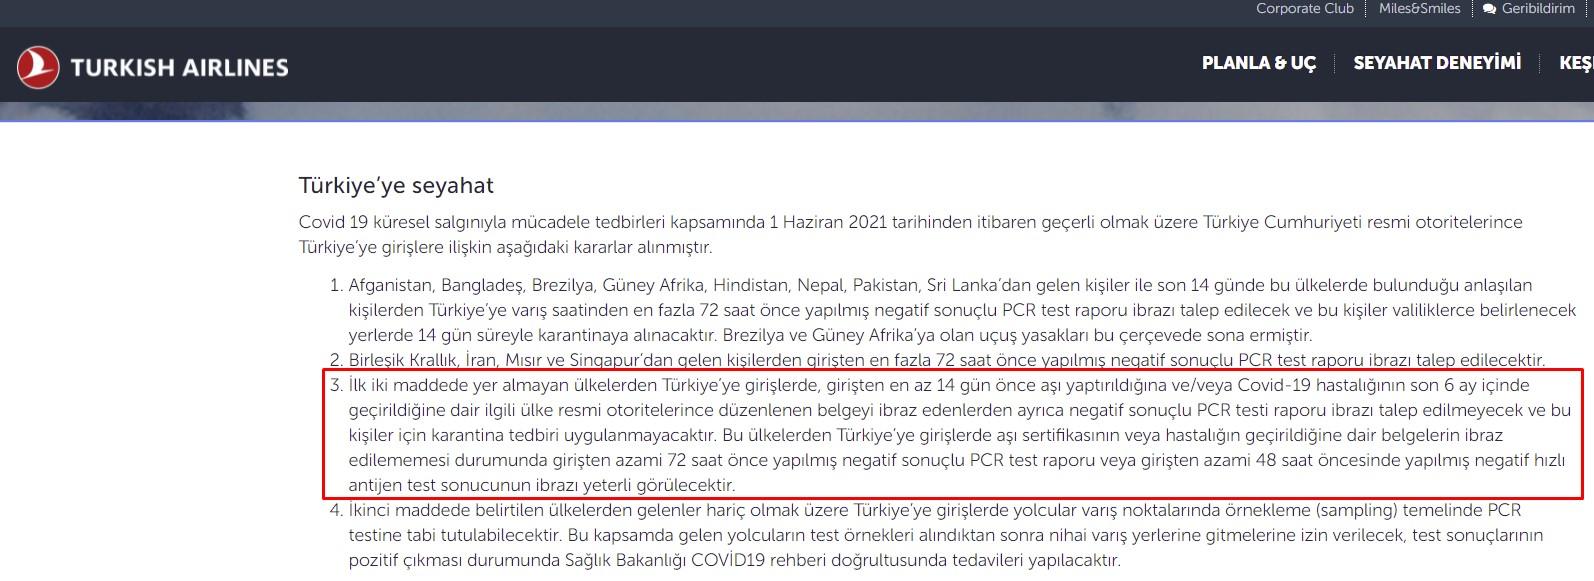 Vaksin olunanlar Türkiyə və Gürcüstana test vermədən gedəcək